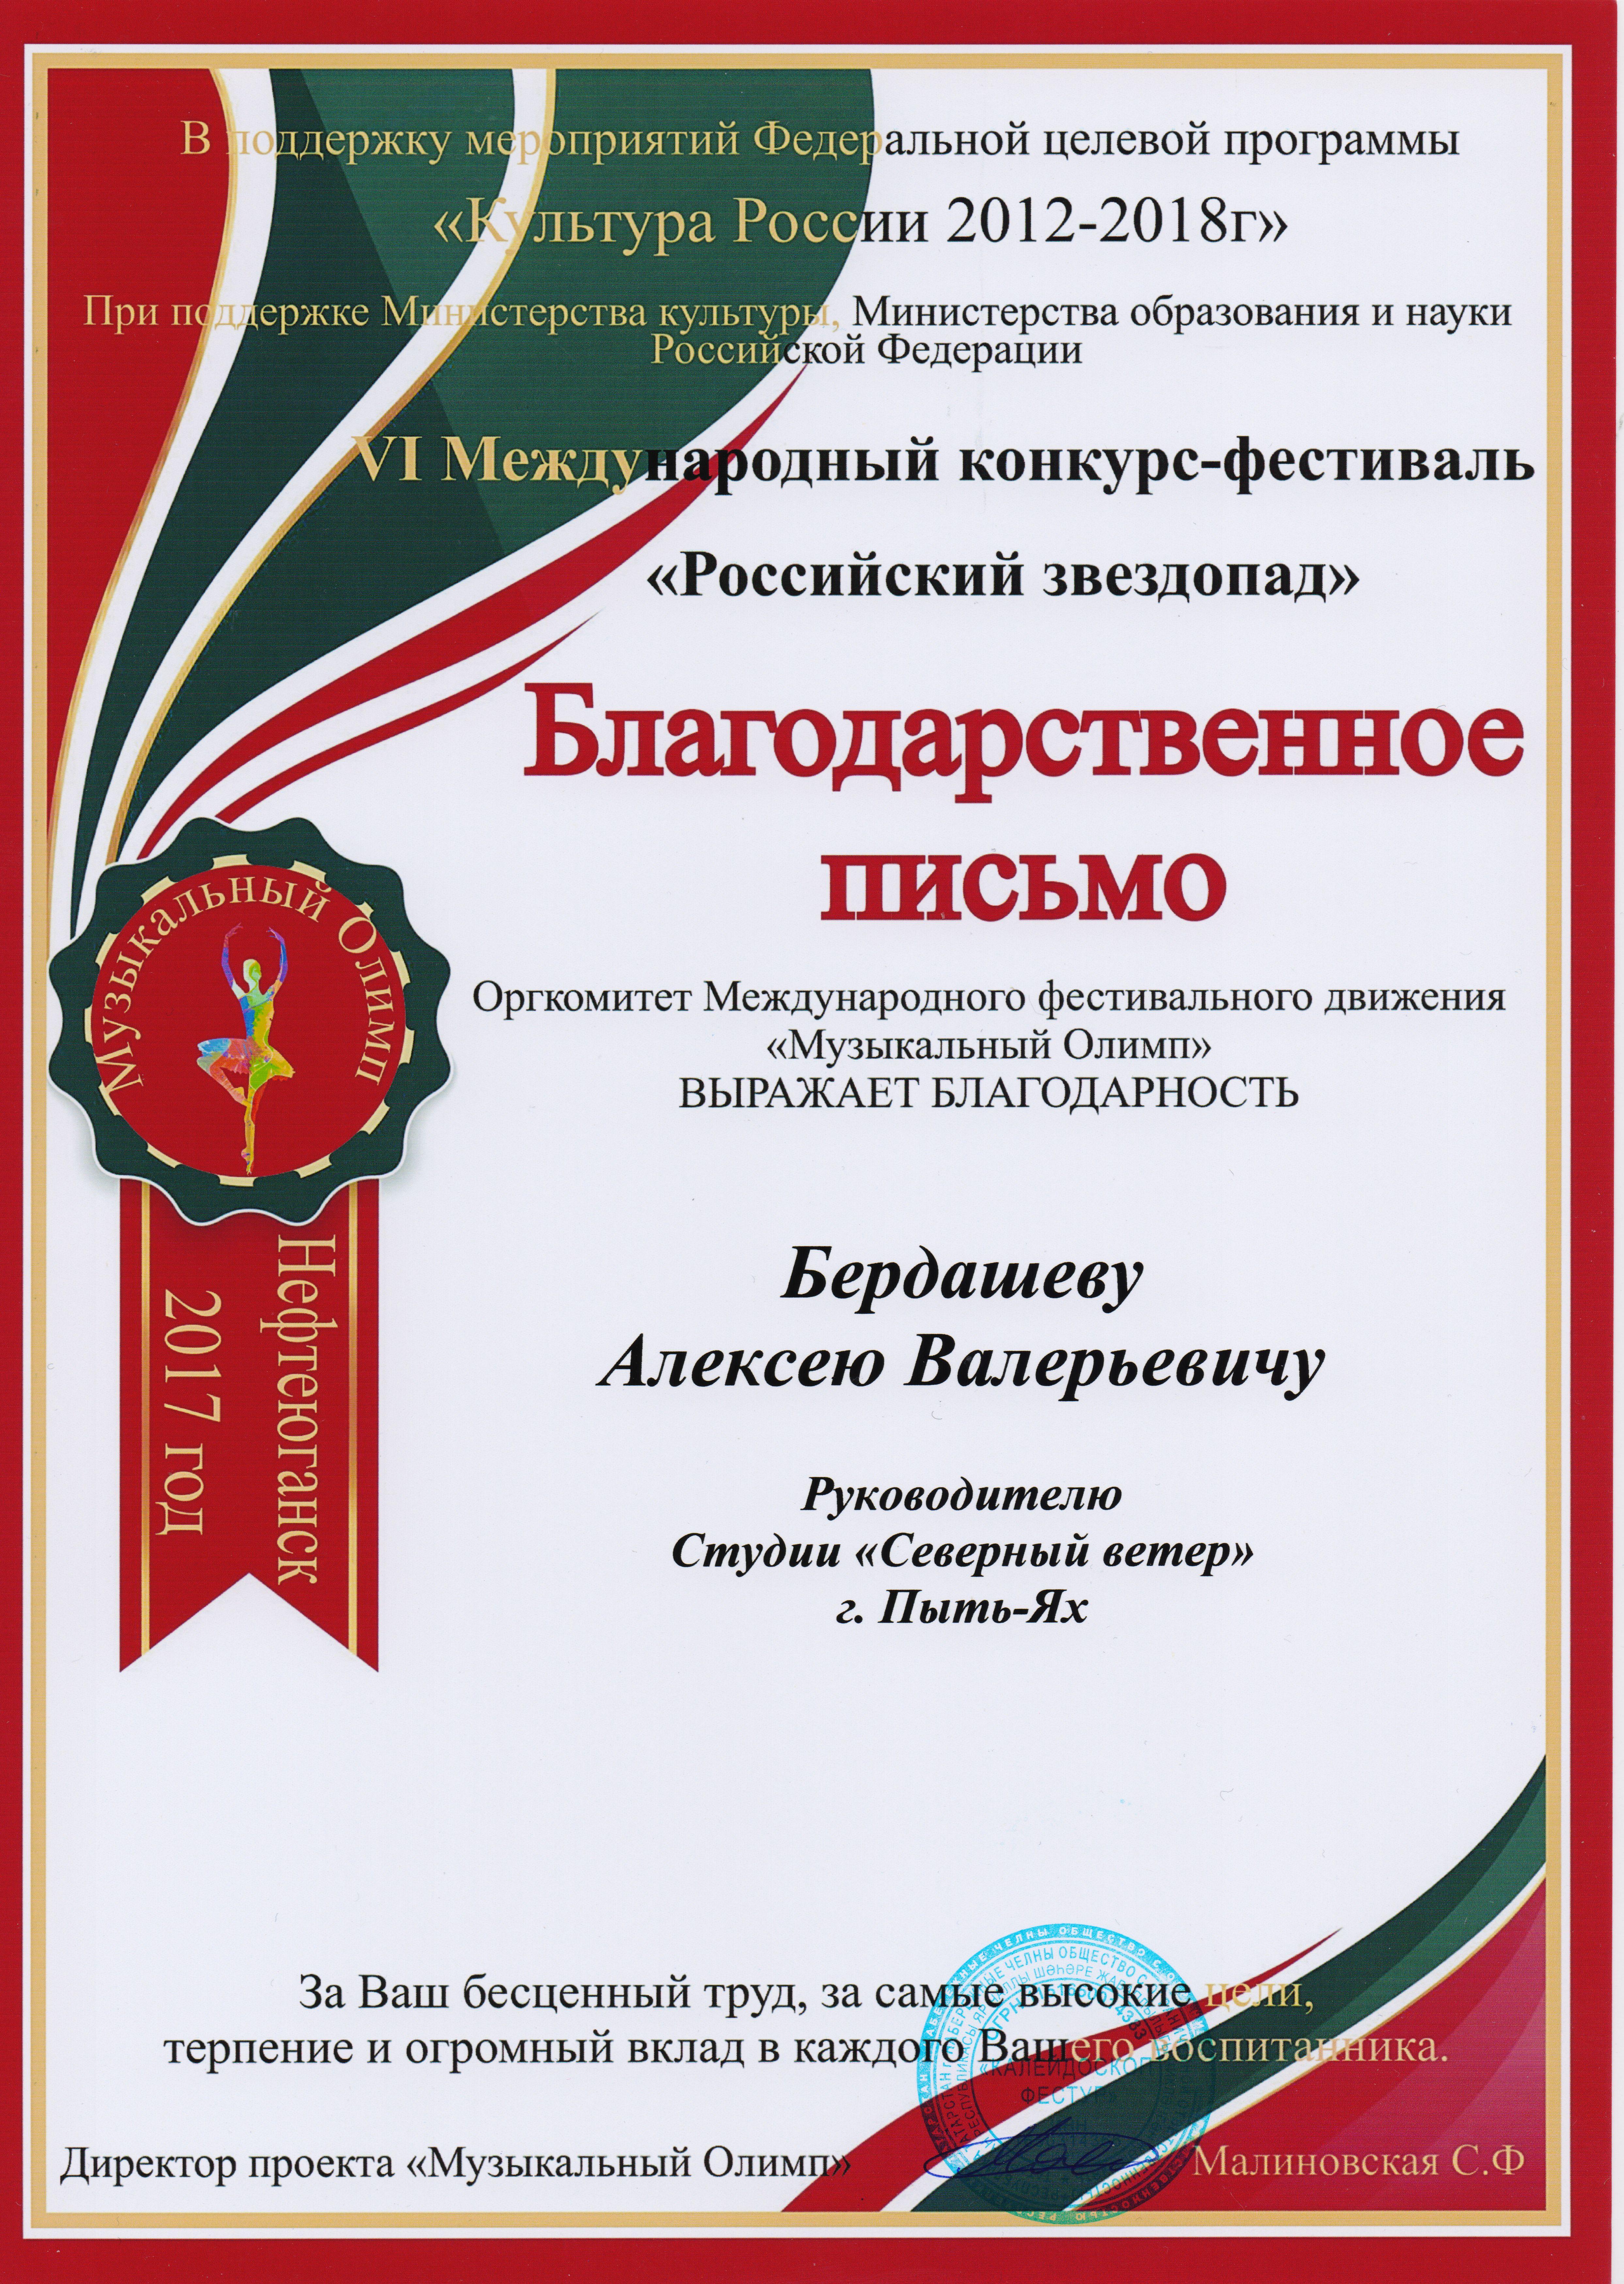 Бердашев А.В